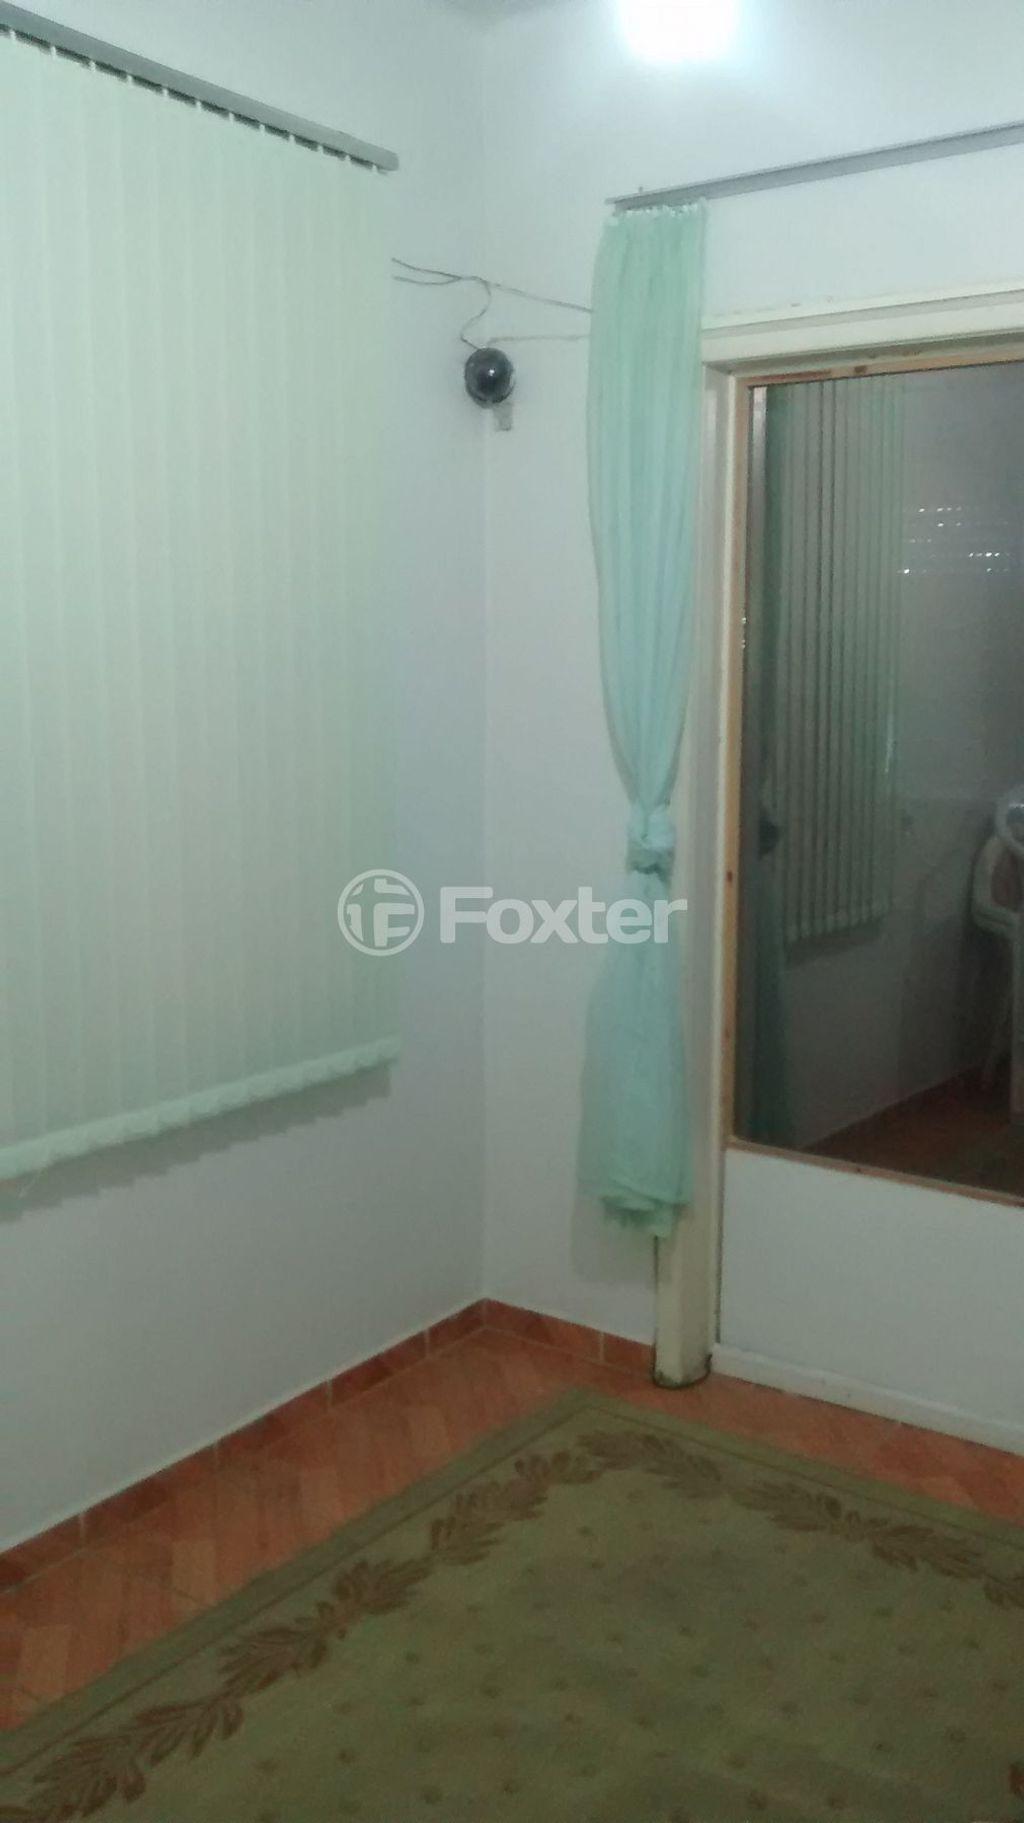 Casa 3 Dorm, Auxiliadora, Porto Alegre (125534) - Foto 12